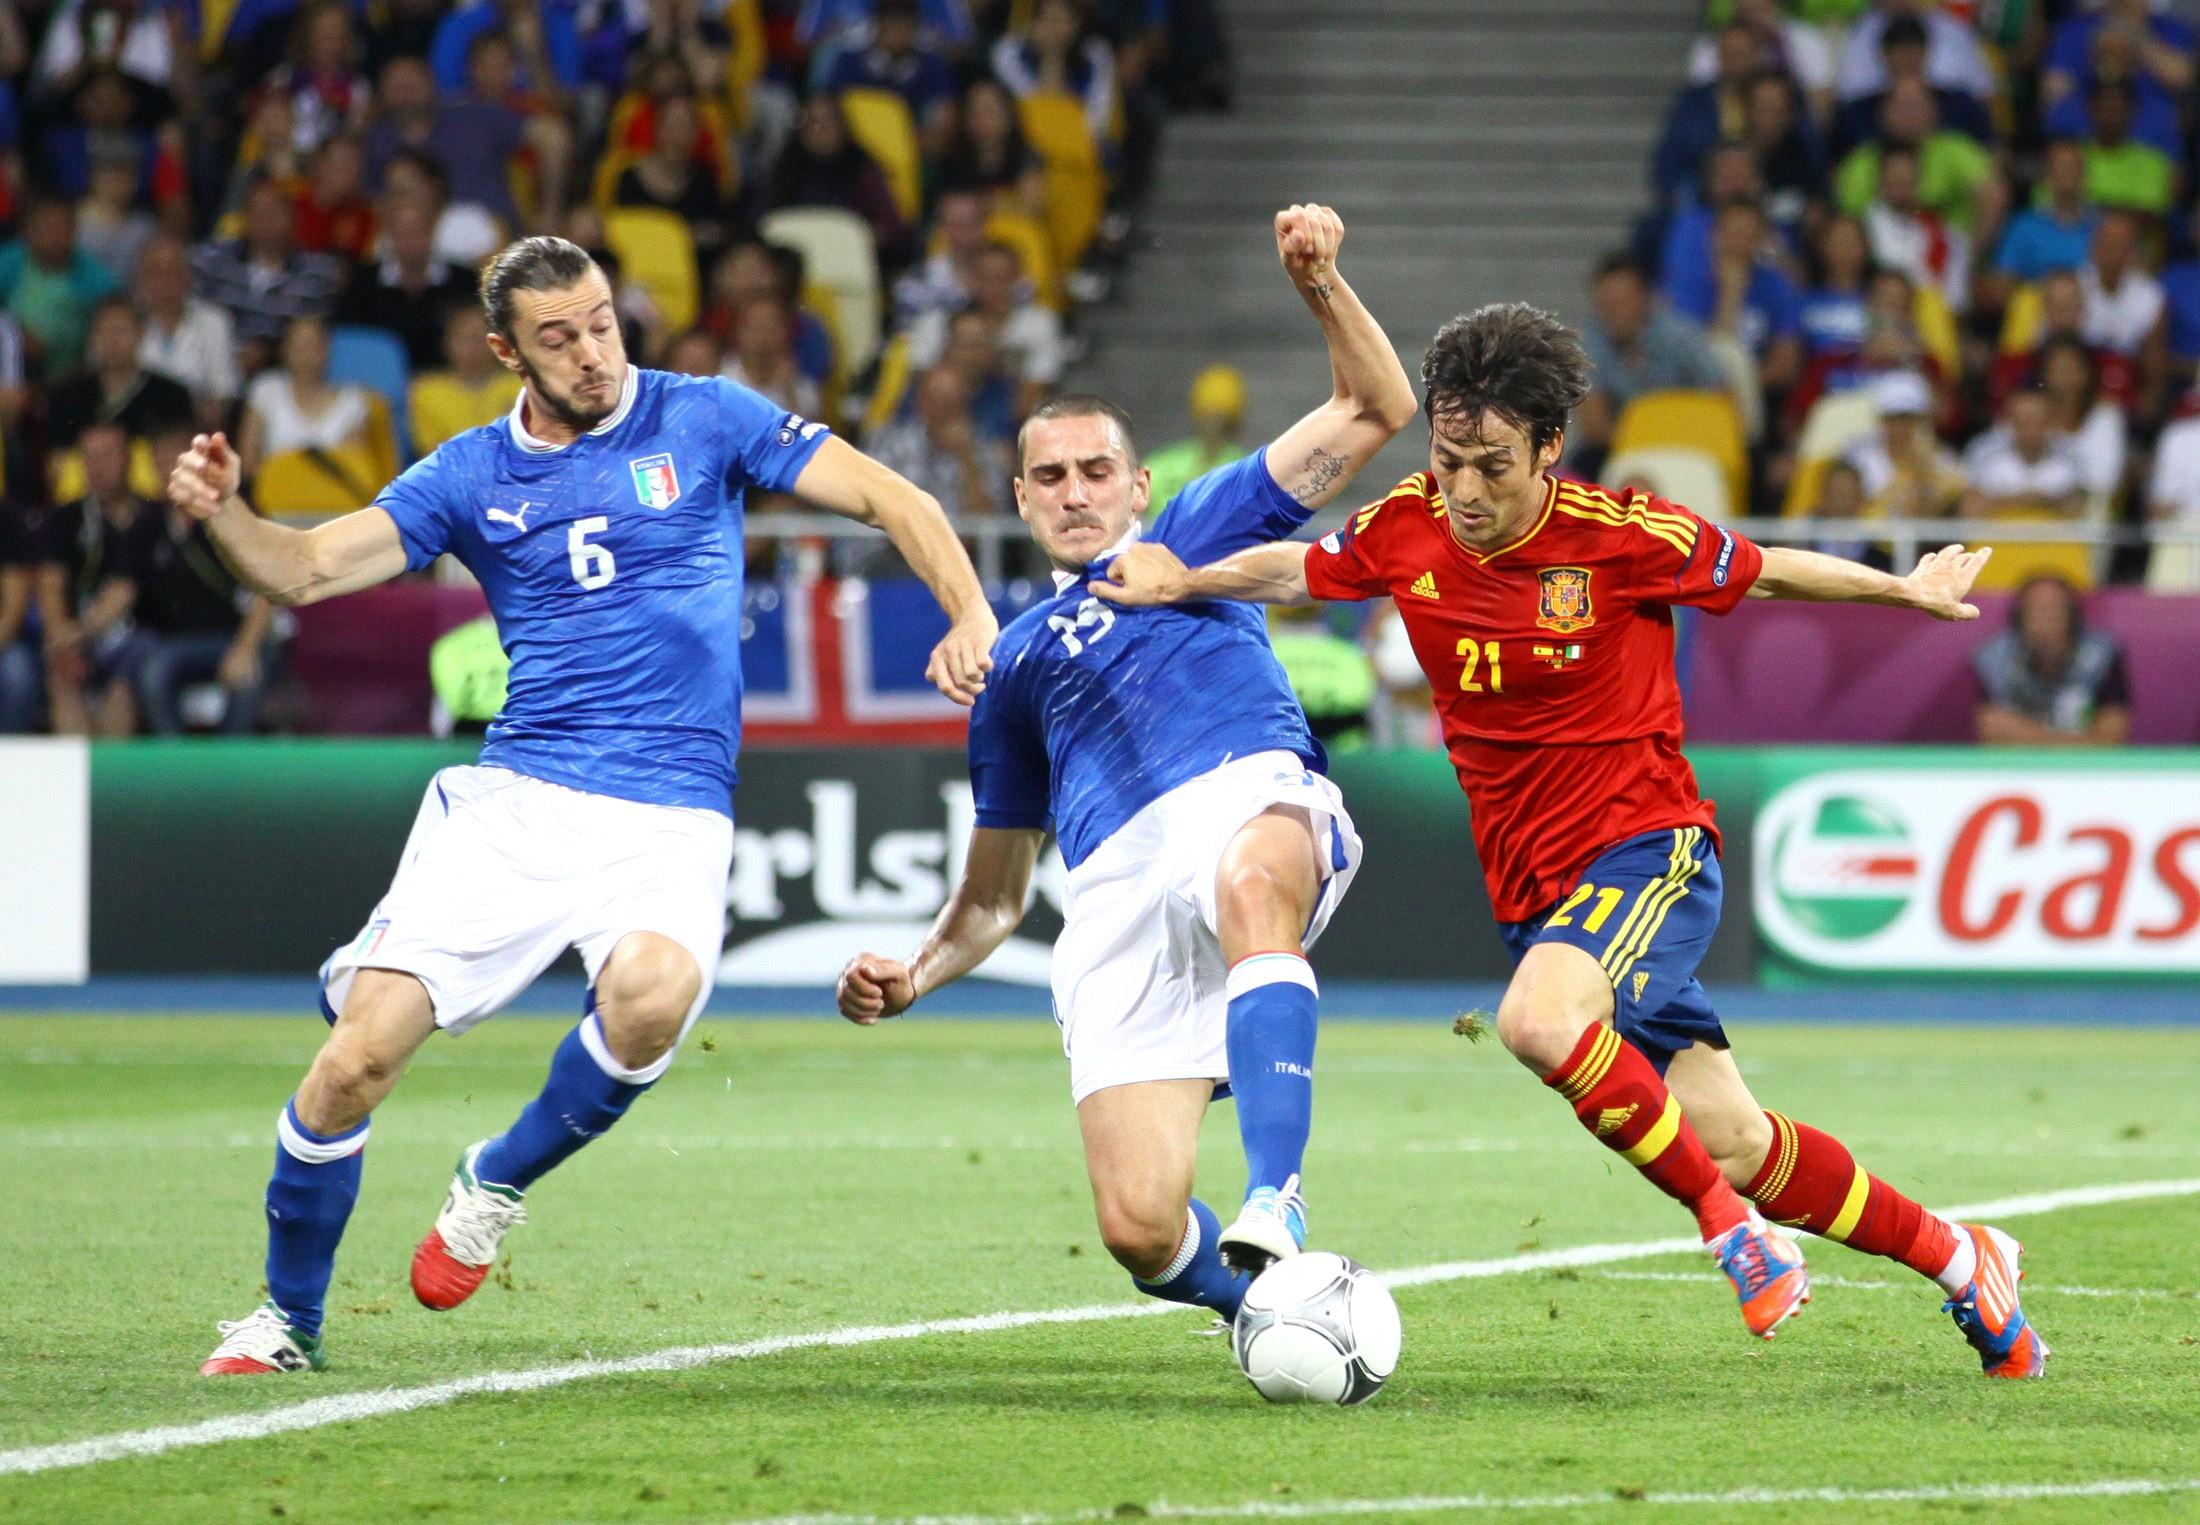 Евро 2016: кто победитель? Прогноз букмекера - изображение 3